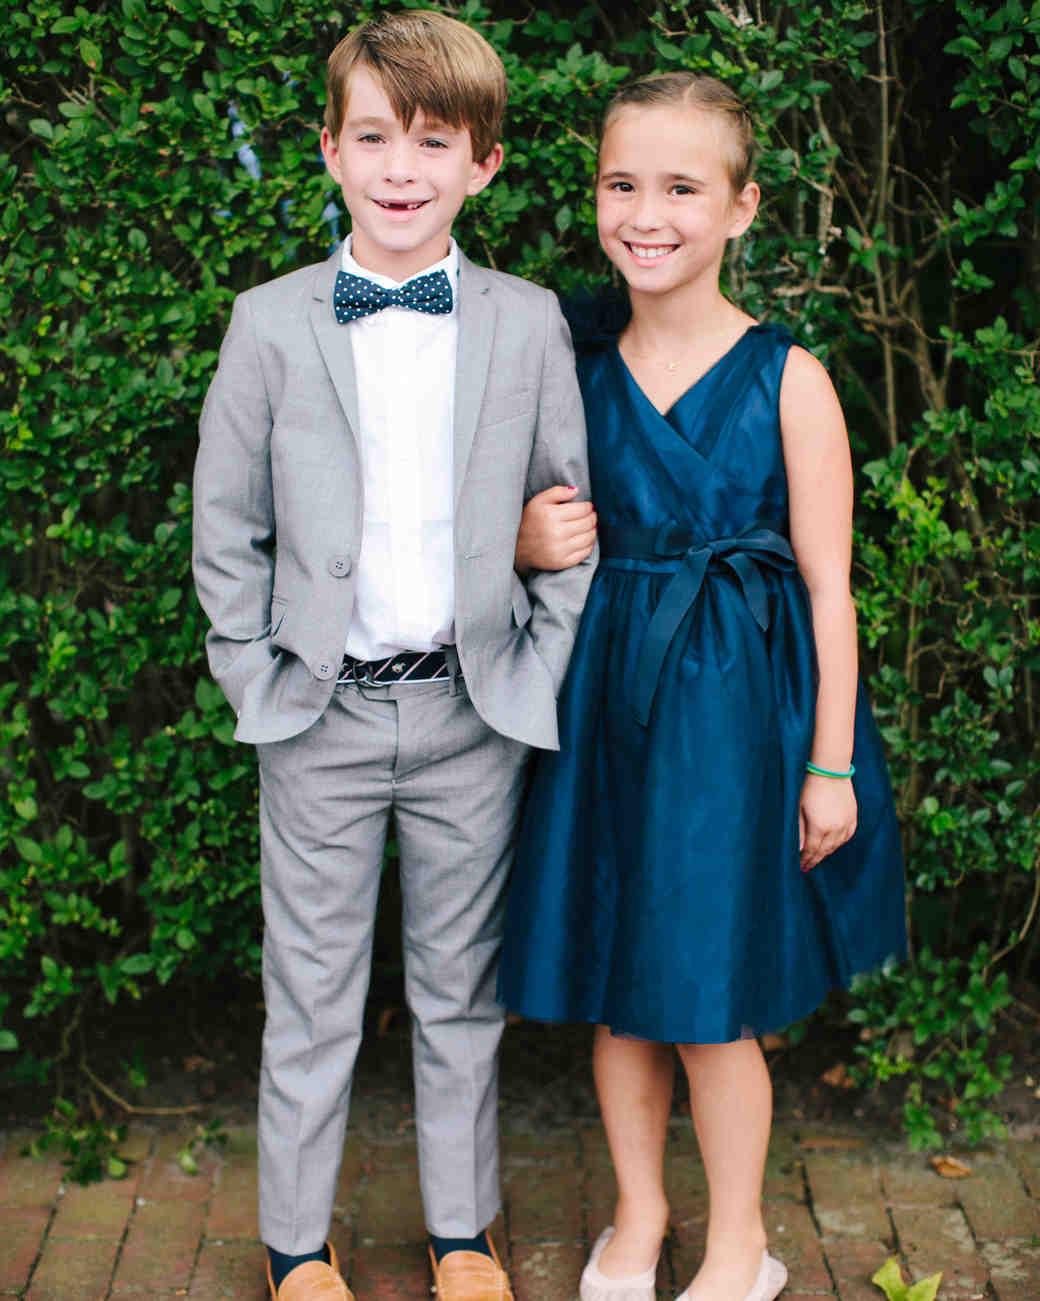 kristen-jonathan-wedding-kids-0213-s112193-1015.jpg